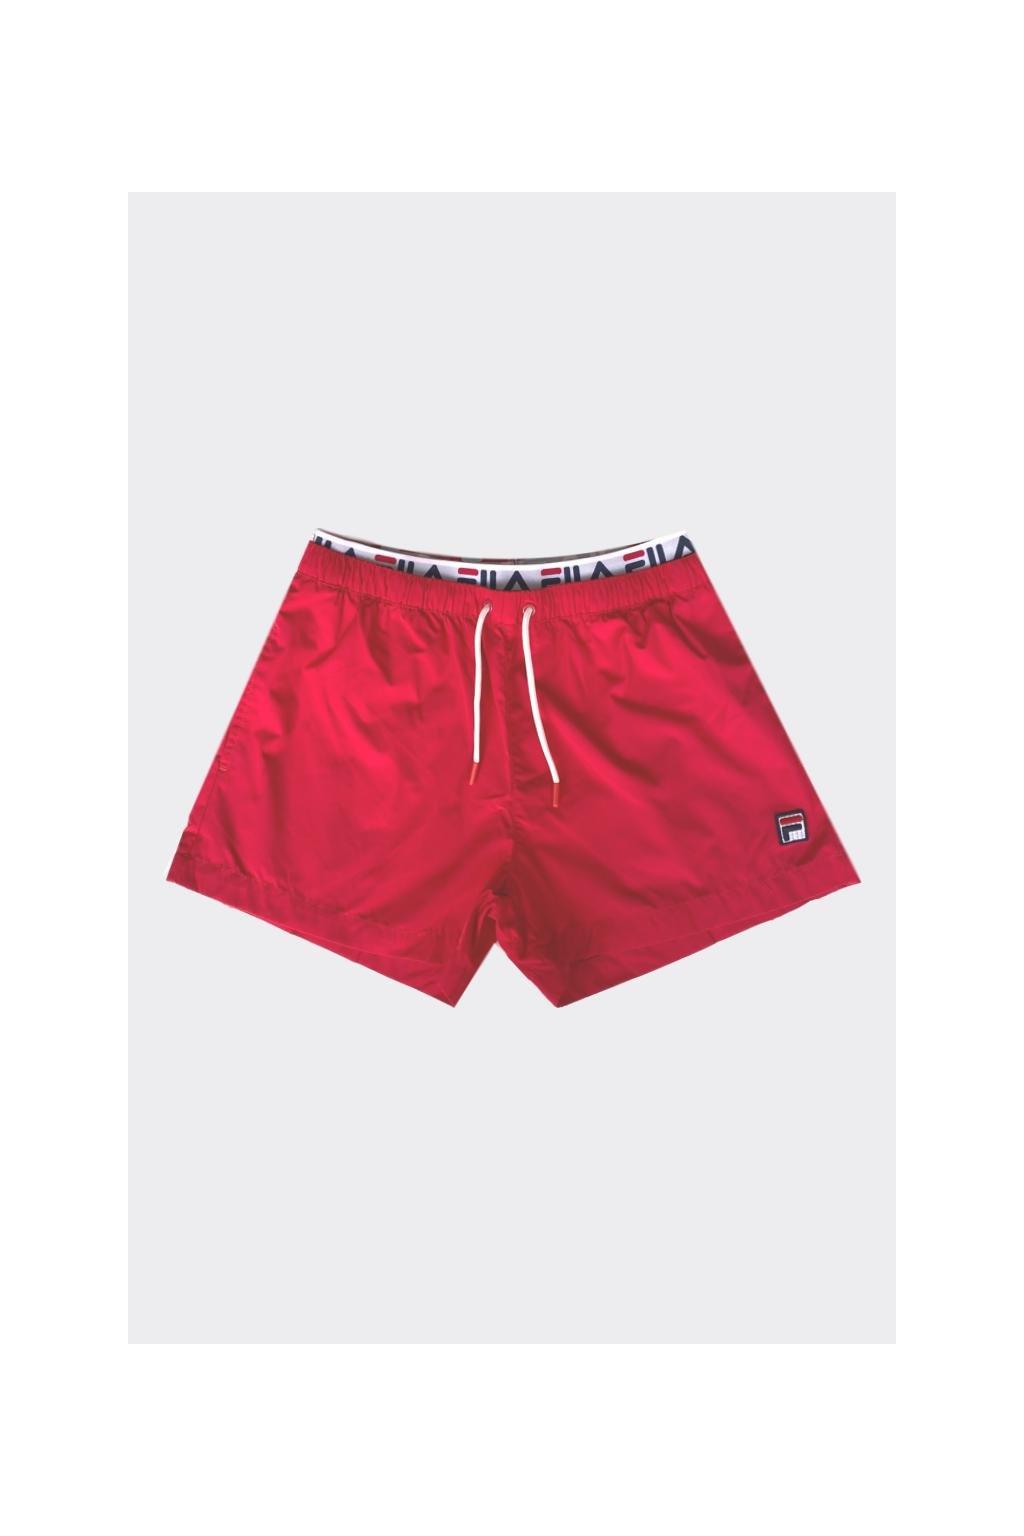 FILA pánské plavky RYOTA - červené